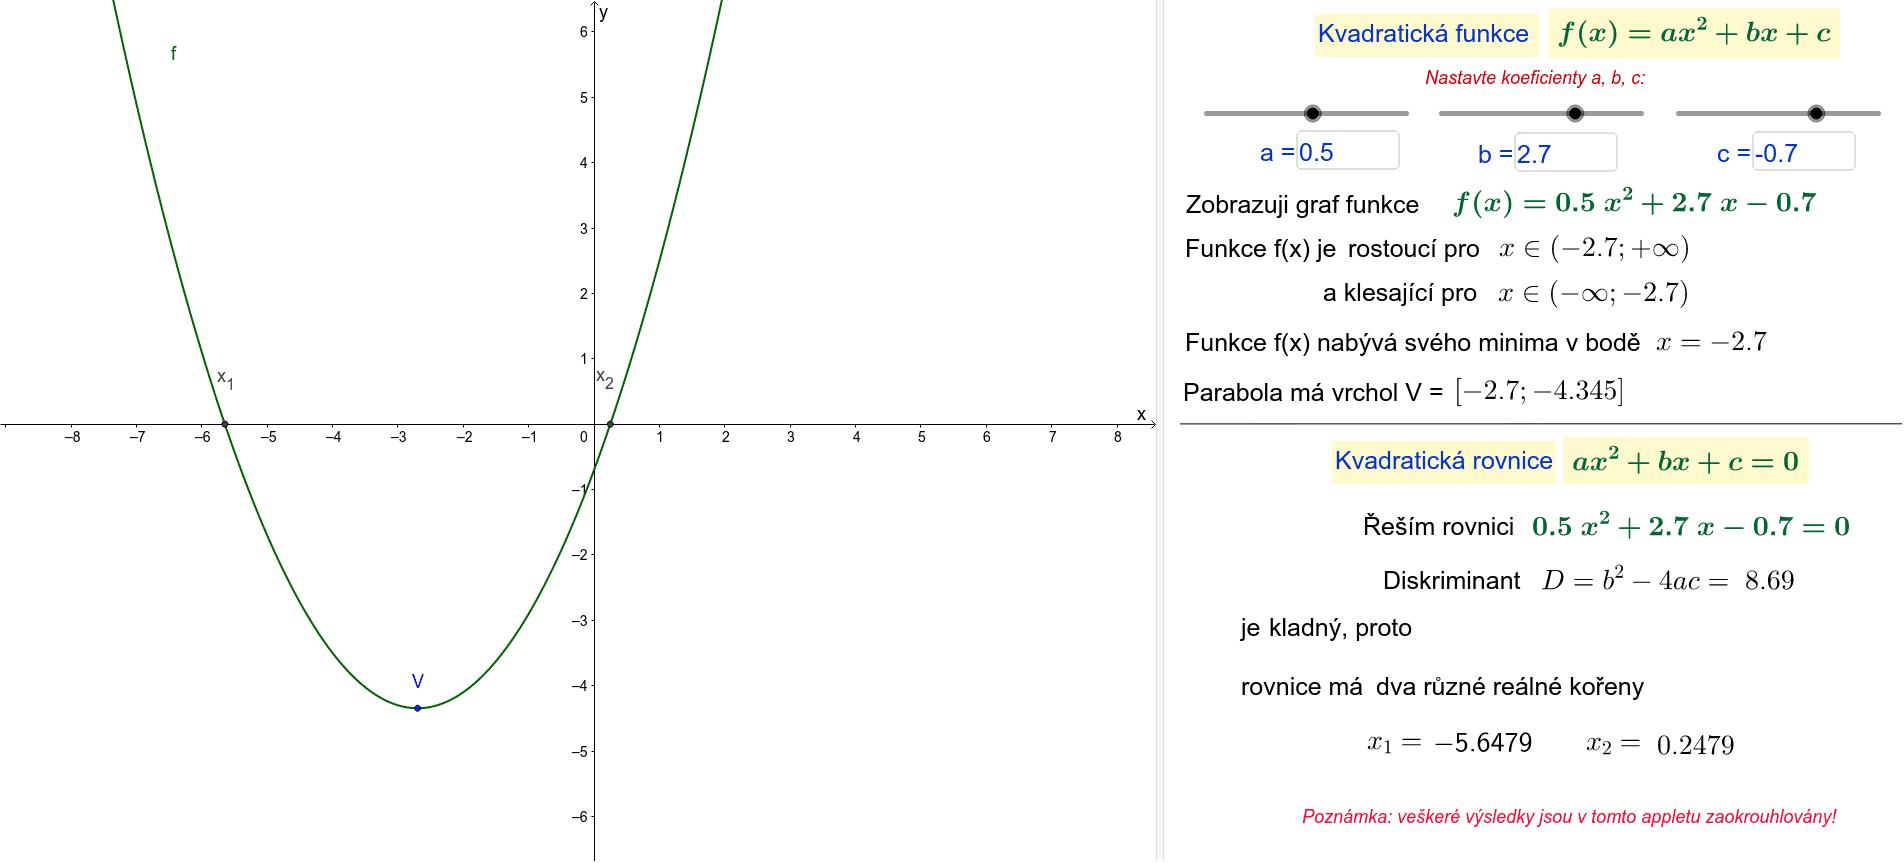 Applet ukazuje souvislost mezi kvadratickou funkcí a kvadratickou rovnicí, ukazuje význam koeficientů a, b, c. Zahajte aktivitu stisknutím klávesy Enter